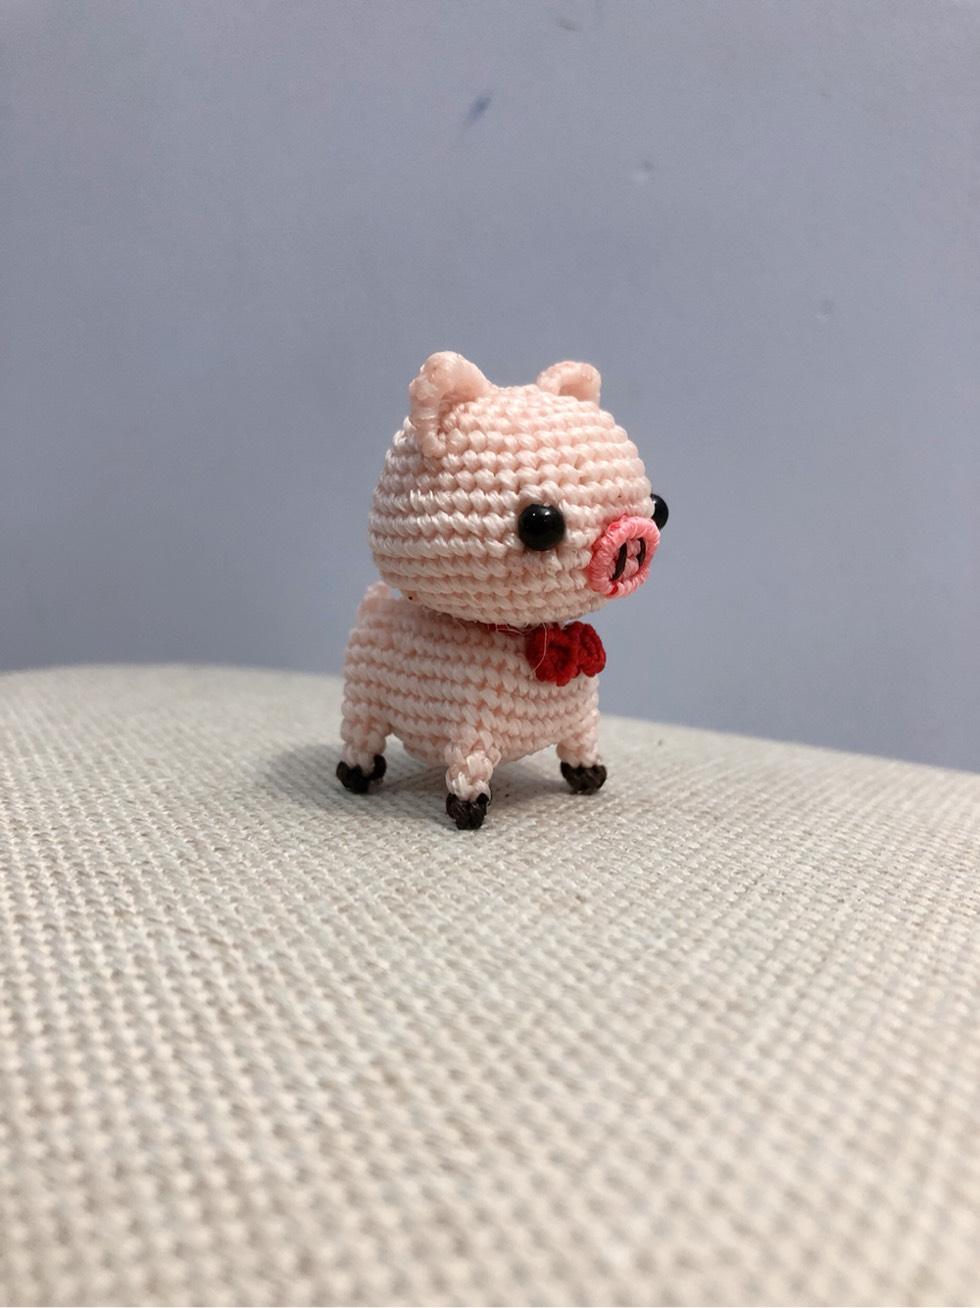 中国结论坛 十二生肖-小猪 小猪,斜卷结动物 作品展示 002838kf03hyceho9cvf9c